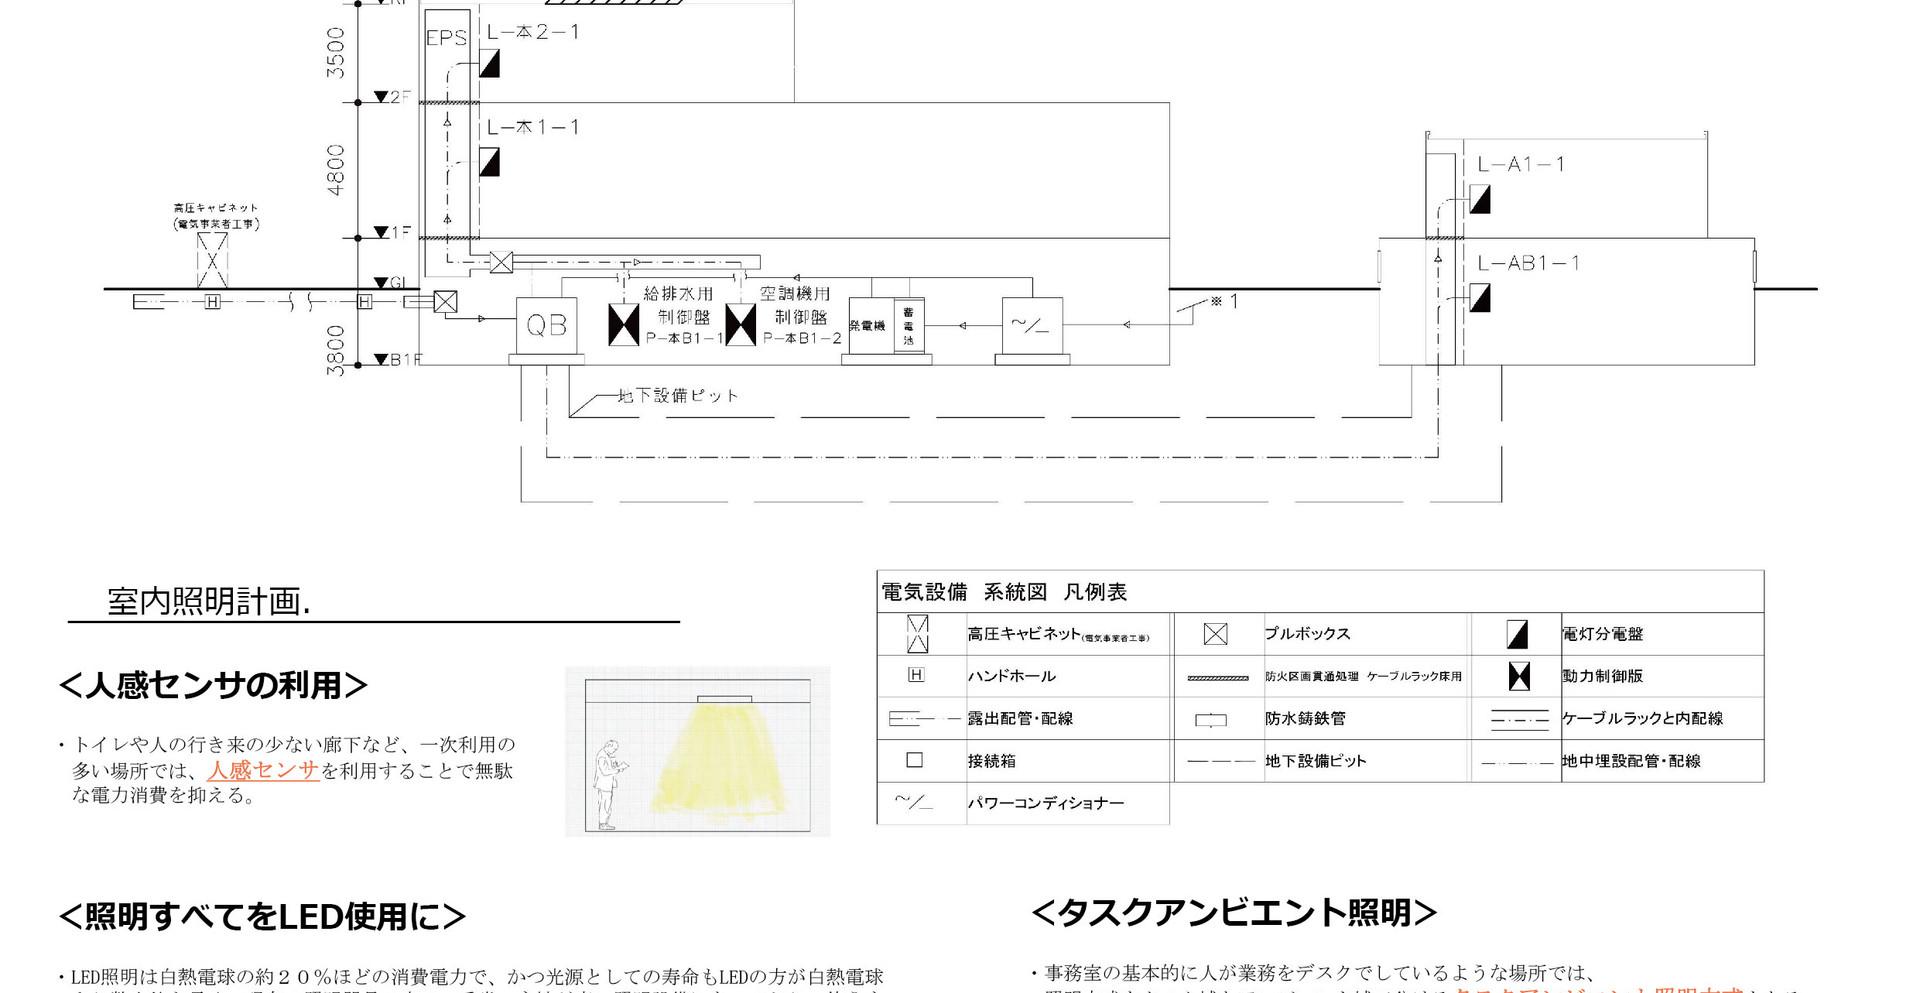 井野勇斗_14.jpg